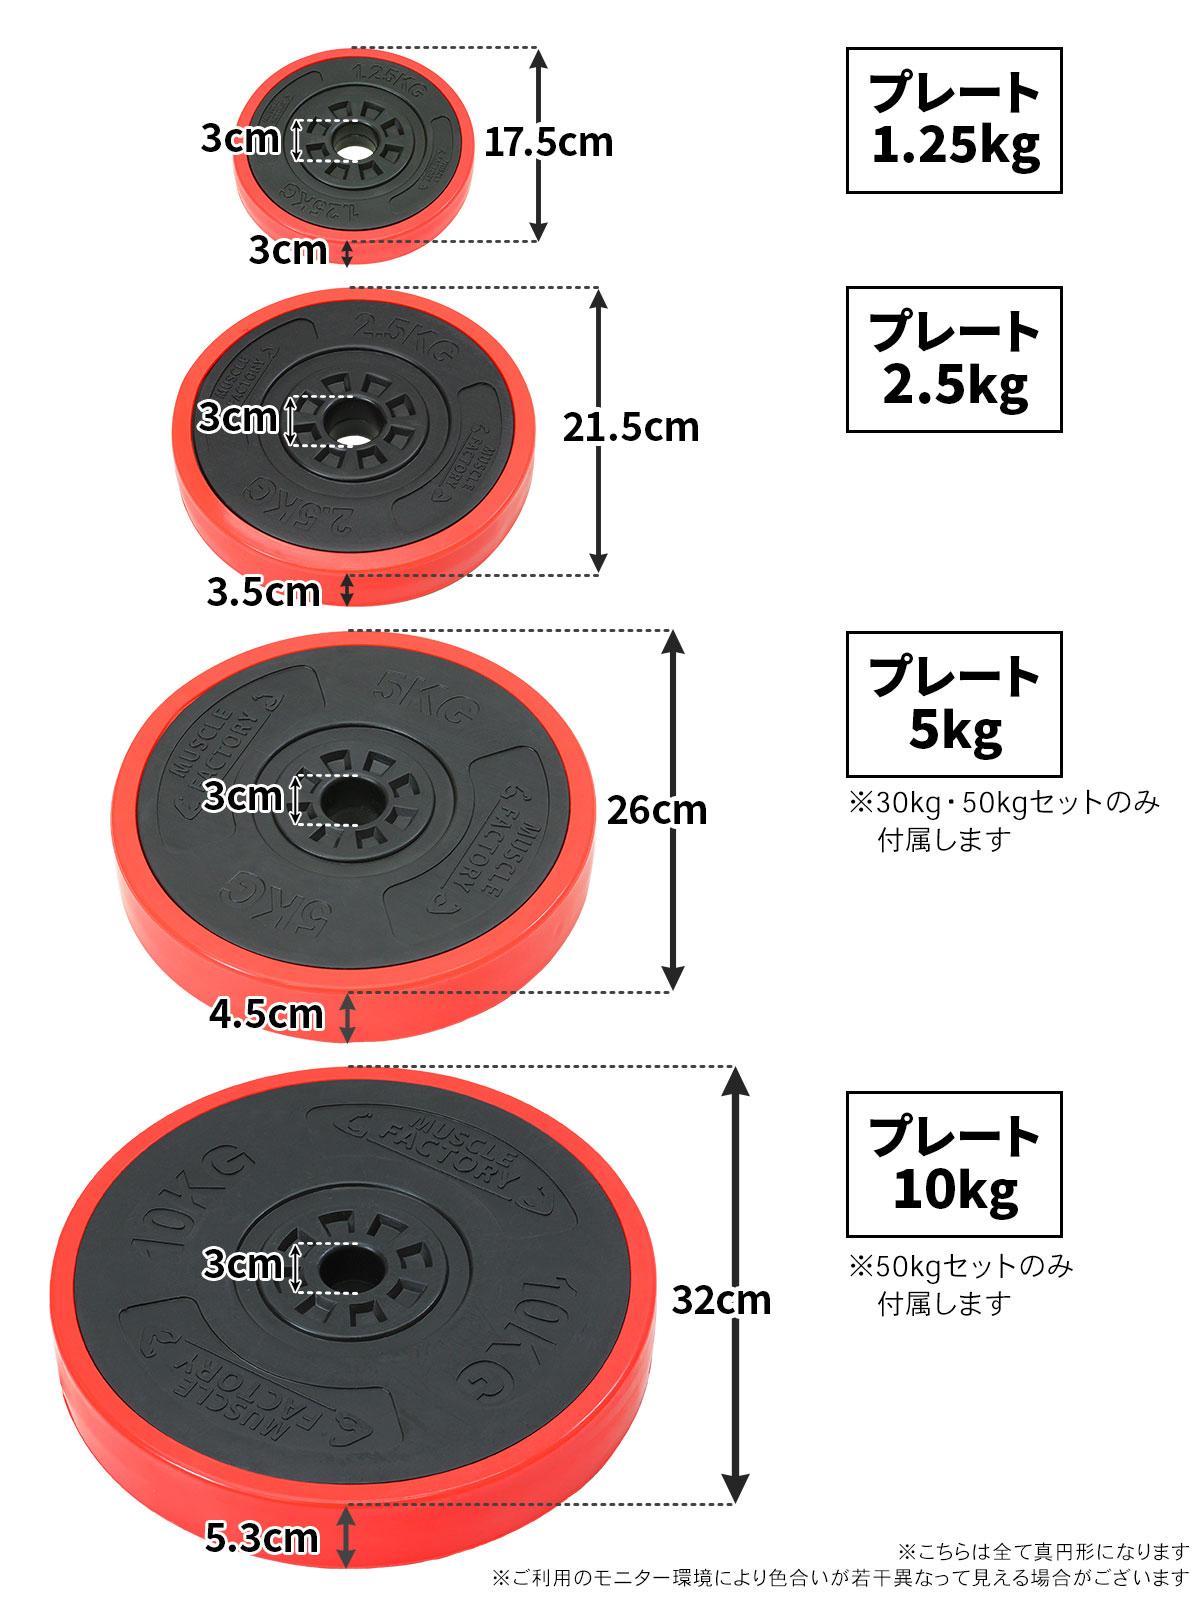 バーベル セット 50kg 可変式 シャフト プレート 筋トレ ウエイト トレーニング ホームジム 器具 ベンチプレス フィットネス バー 長さ180cm